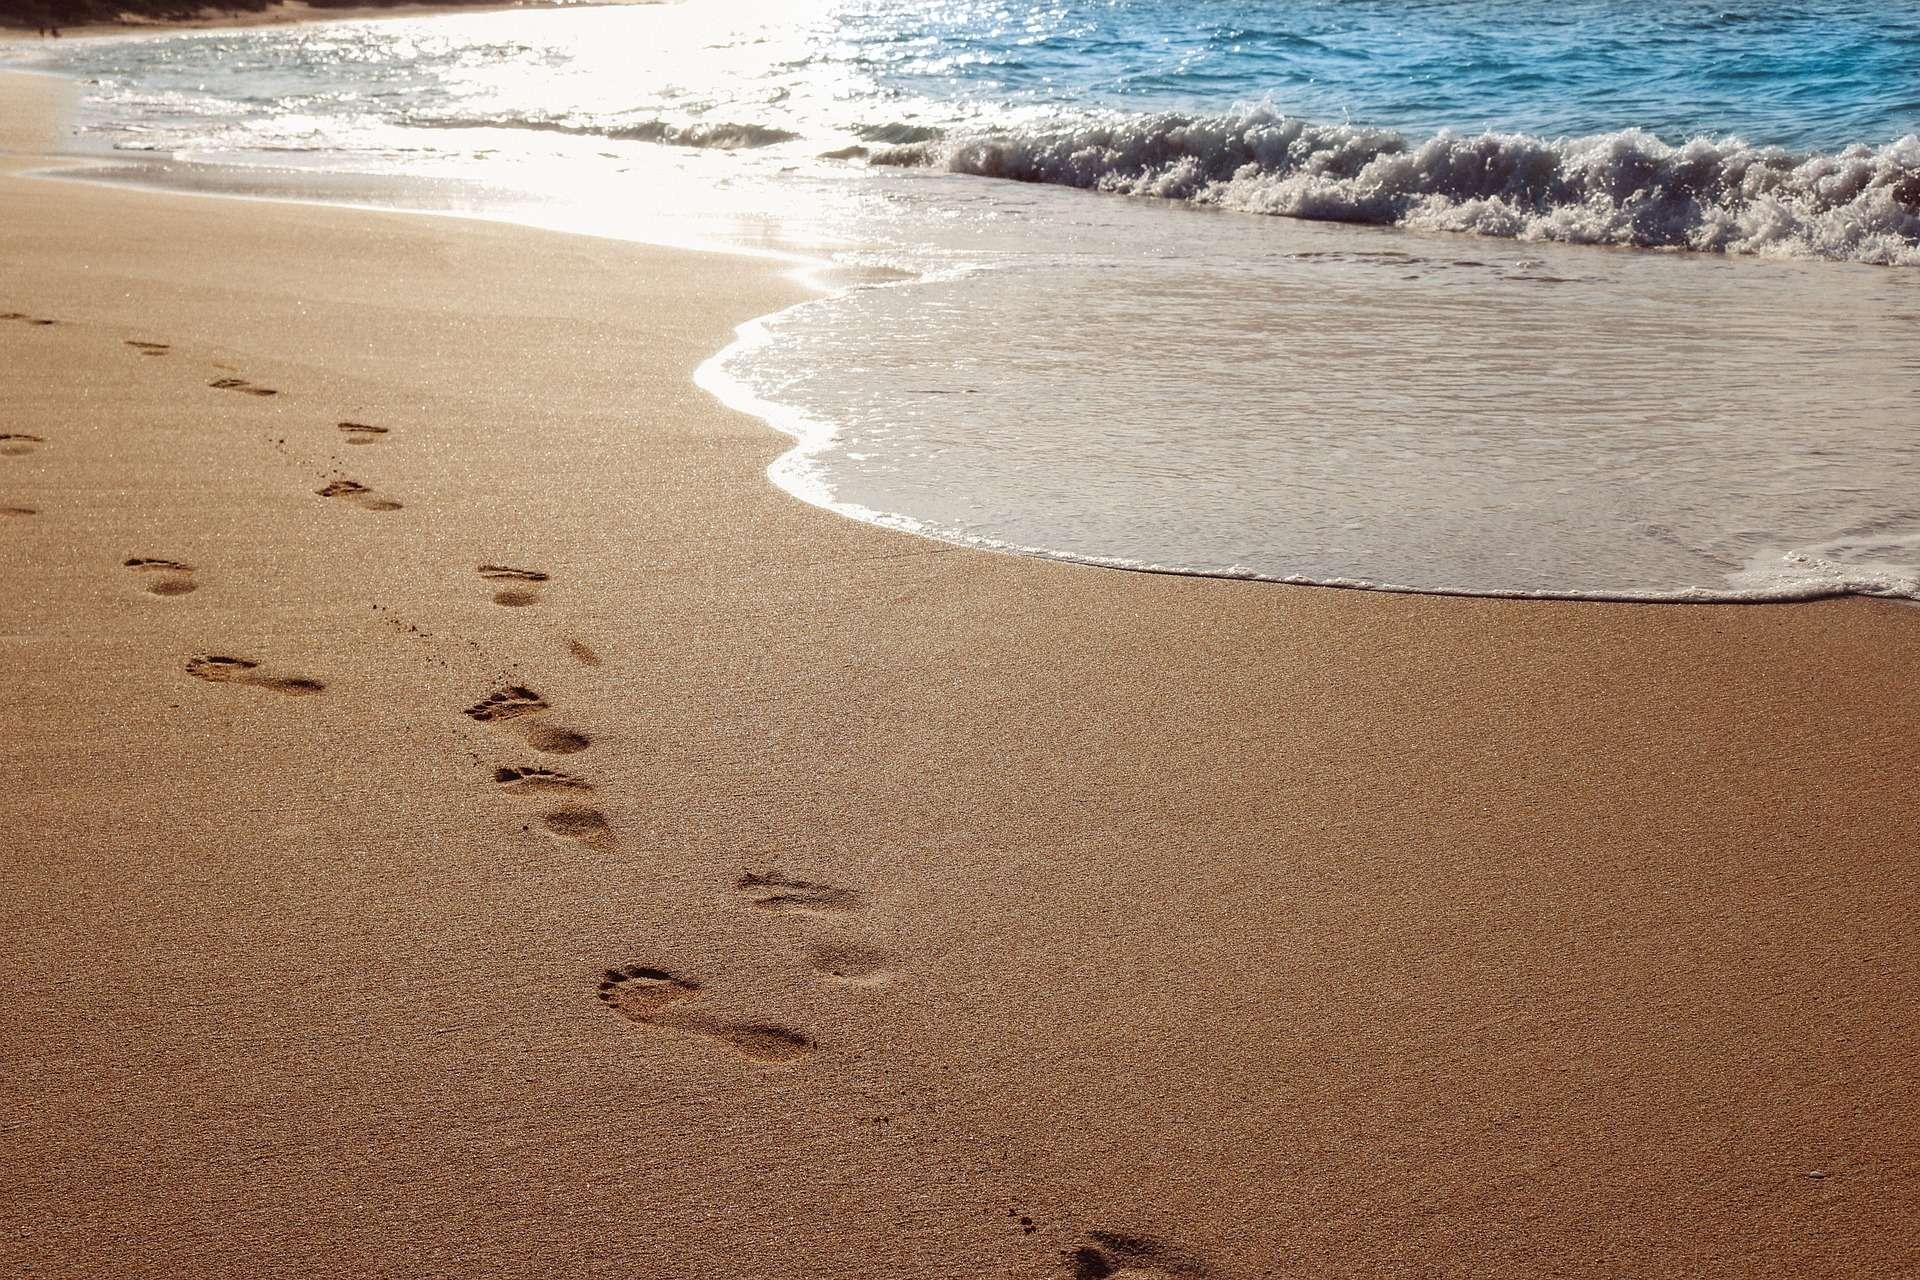 Dipendenza affettiva. Guarire l'amore : 21 passi da fare insieme | Psicologo Parma Padova Rimi